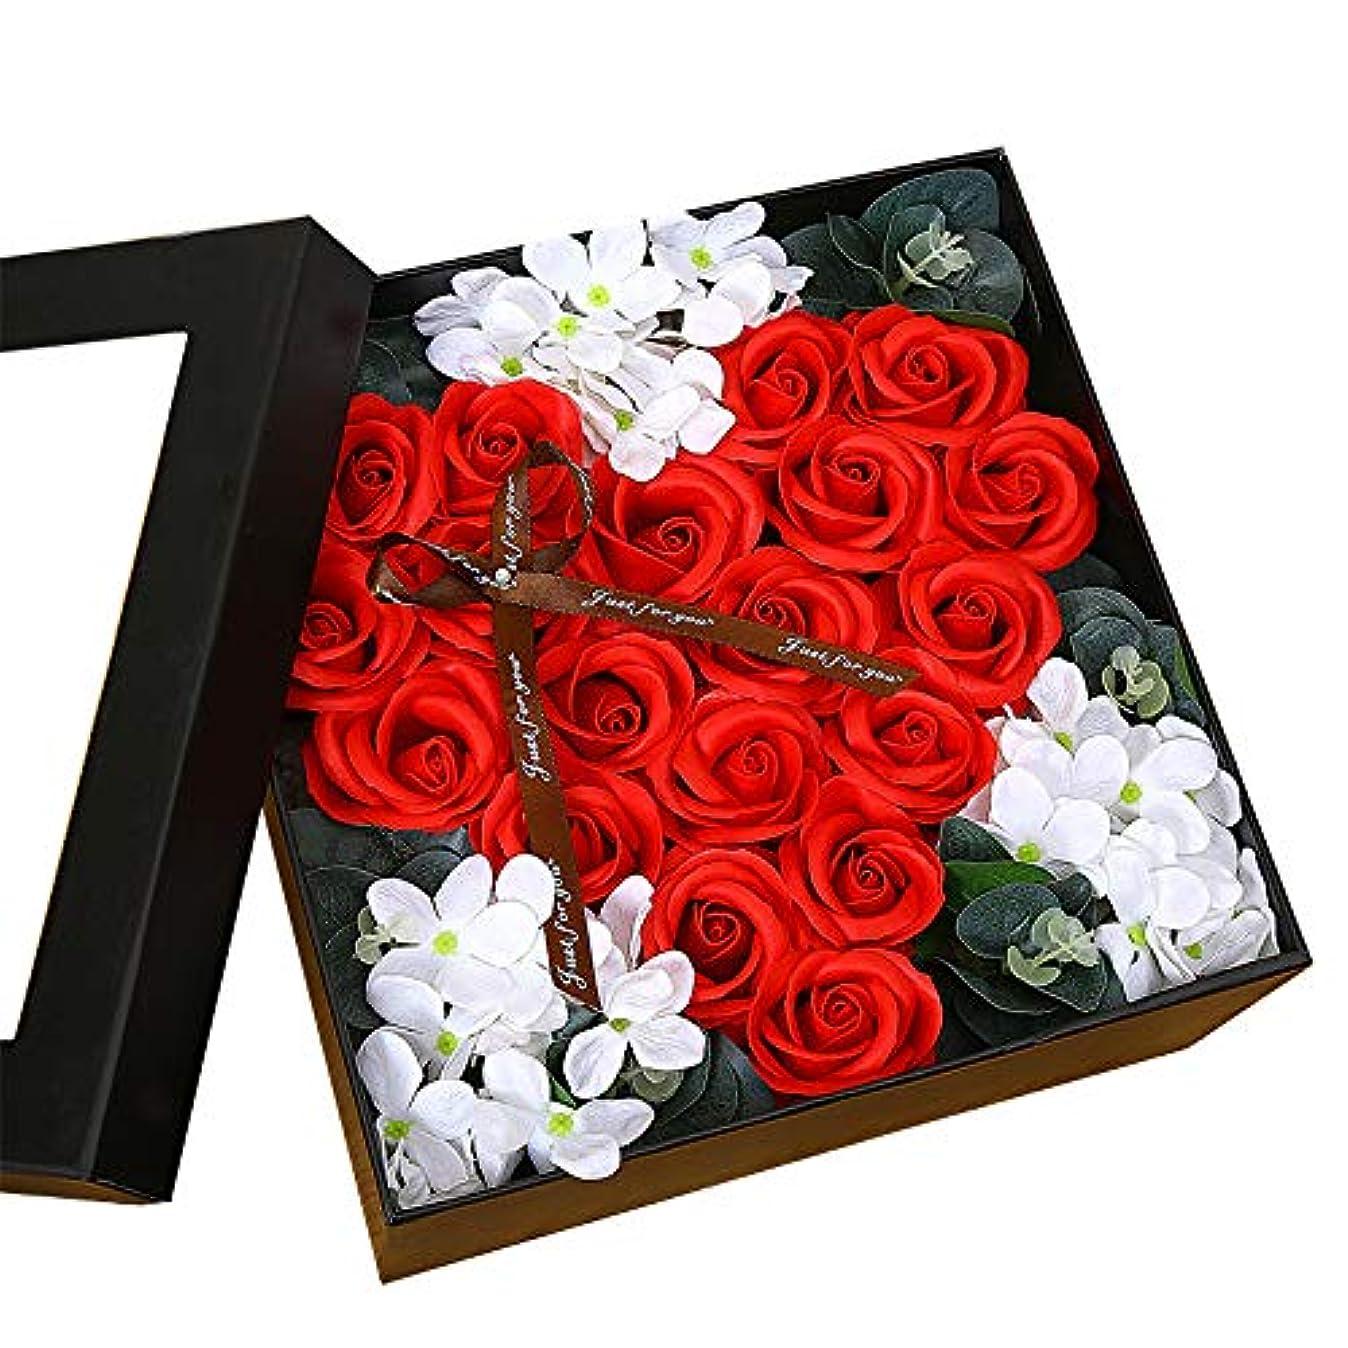 舌非常に怒っています以来生地と花石鹸の花 ギフトソープフラワーローズフラワーバレンタインデーのために不可欠ガールフレンド記念日誕生日母の日 (色 : Red square box)